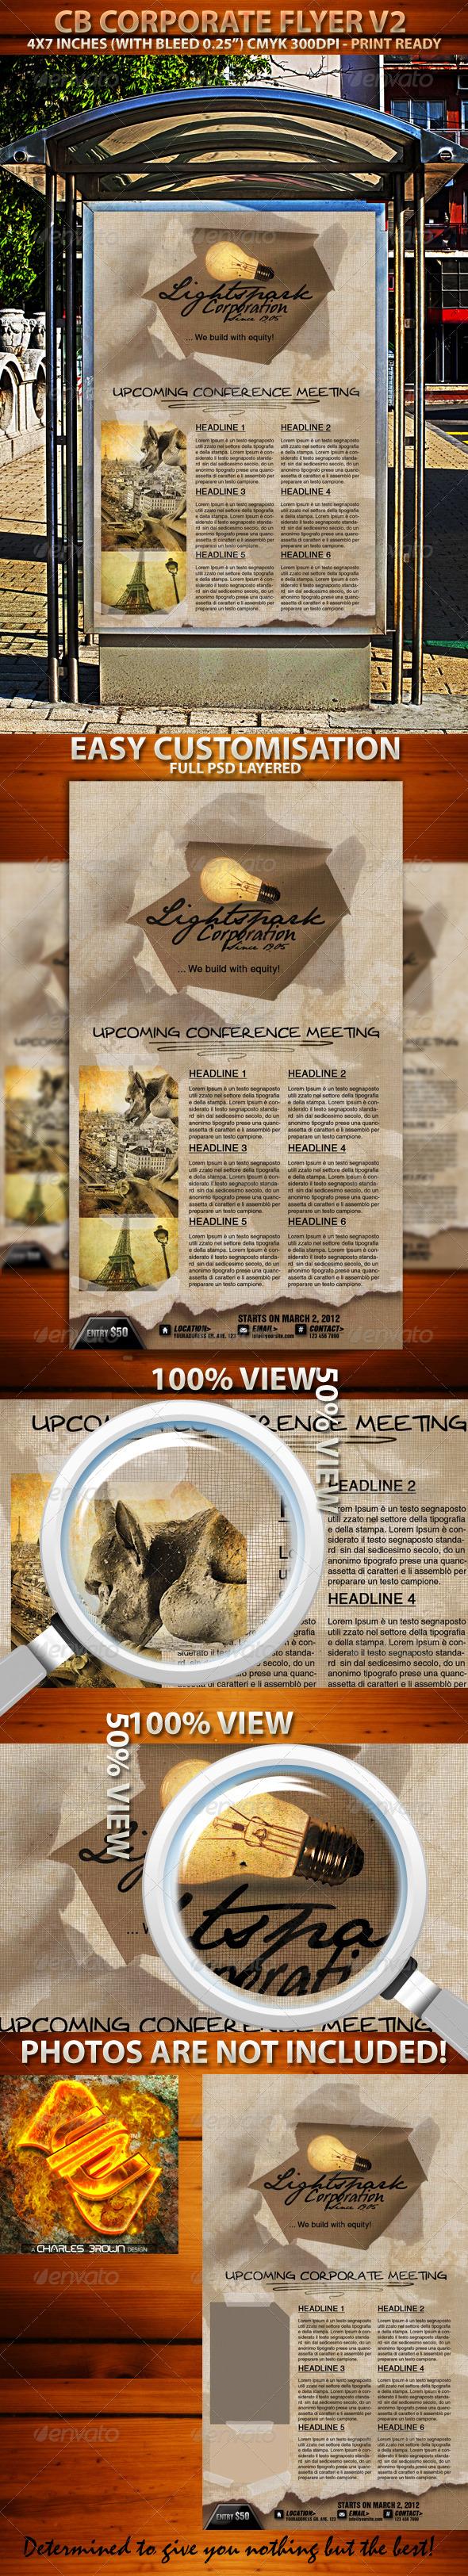 GraphicRiver CB Corporate Flyer V2 1687510